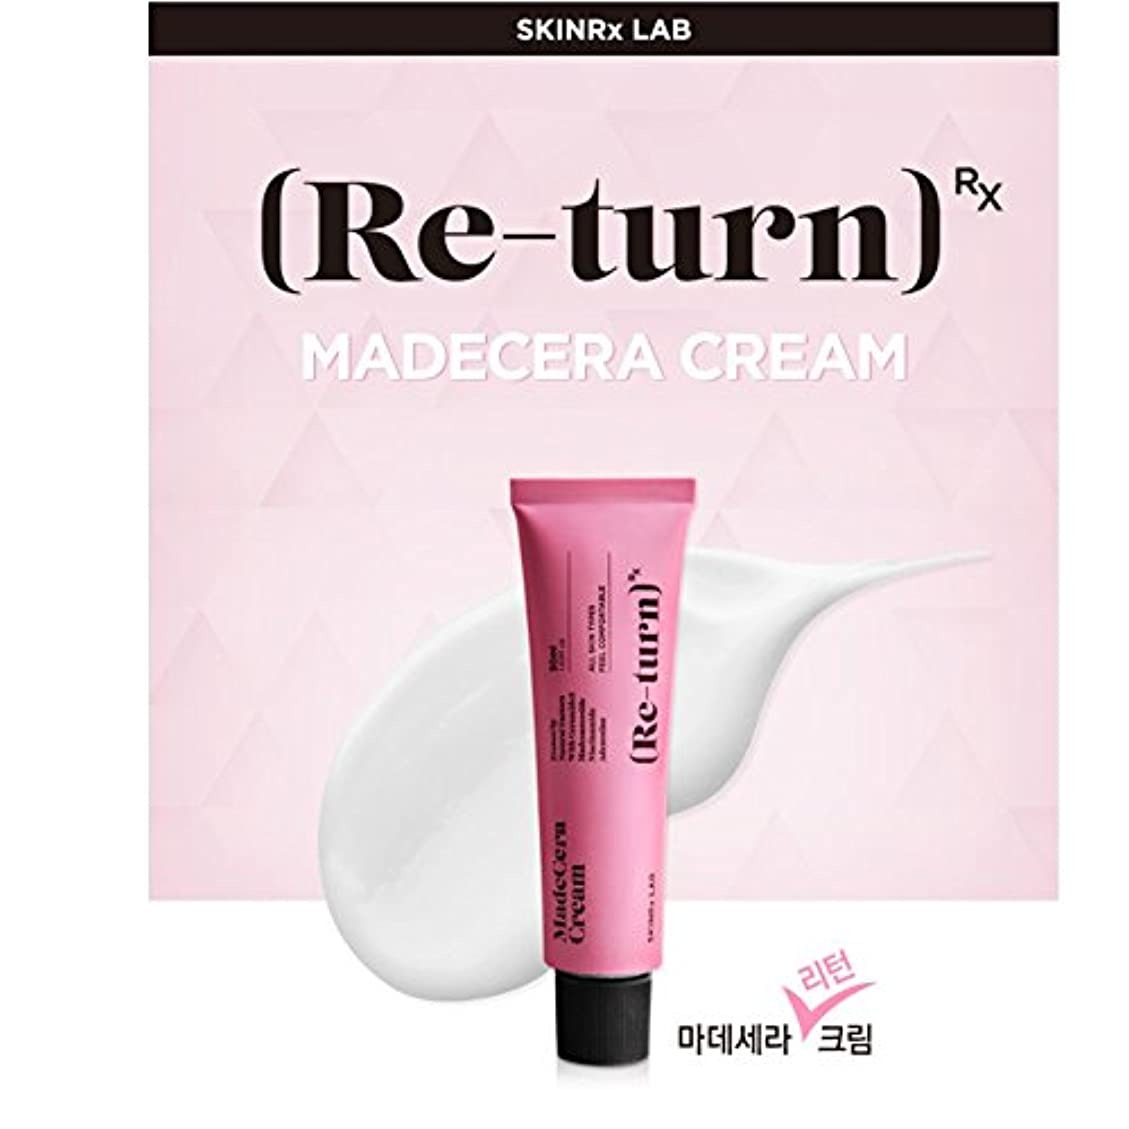 クリップ蝶入手します審判スキンアルエクスラップ マデセラ リターン クリーム 50ml / SKINRxLAB MadeCera Re-turn Cream 50ml (1.69oz)